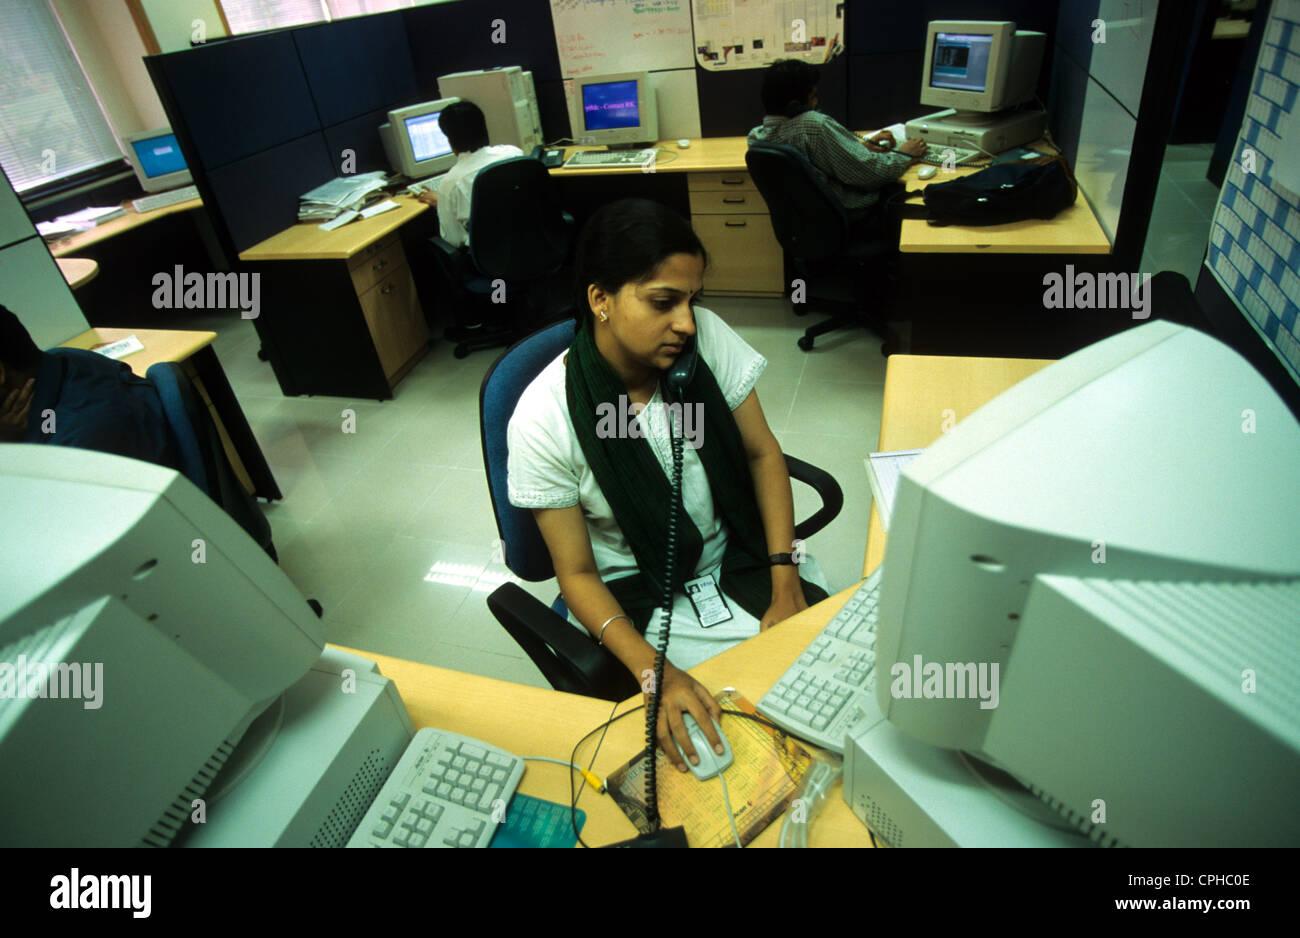 Indien Bangalore, Campus der Infosys in der Elektronik Stadt, Infosys ist ein wichtiger Software Entwickler und Stockfoto